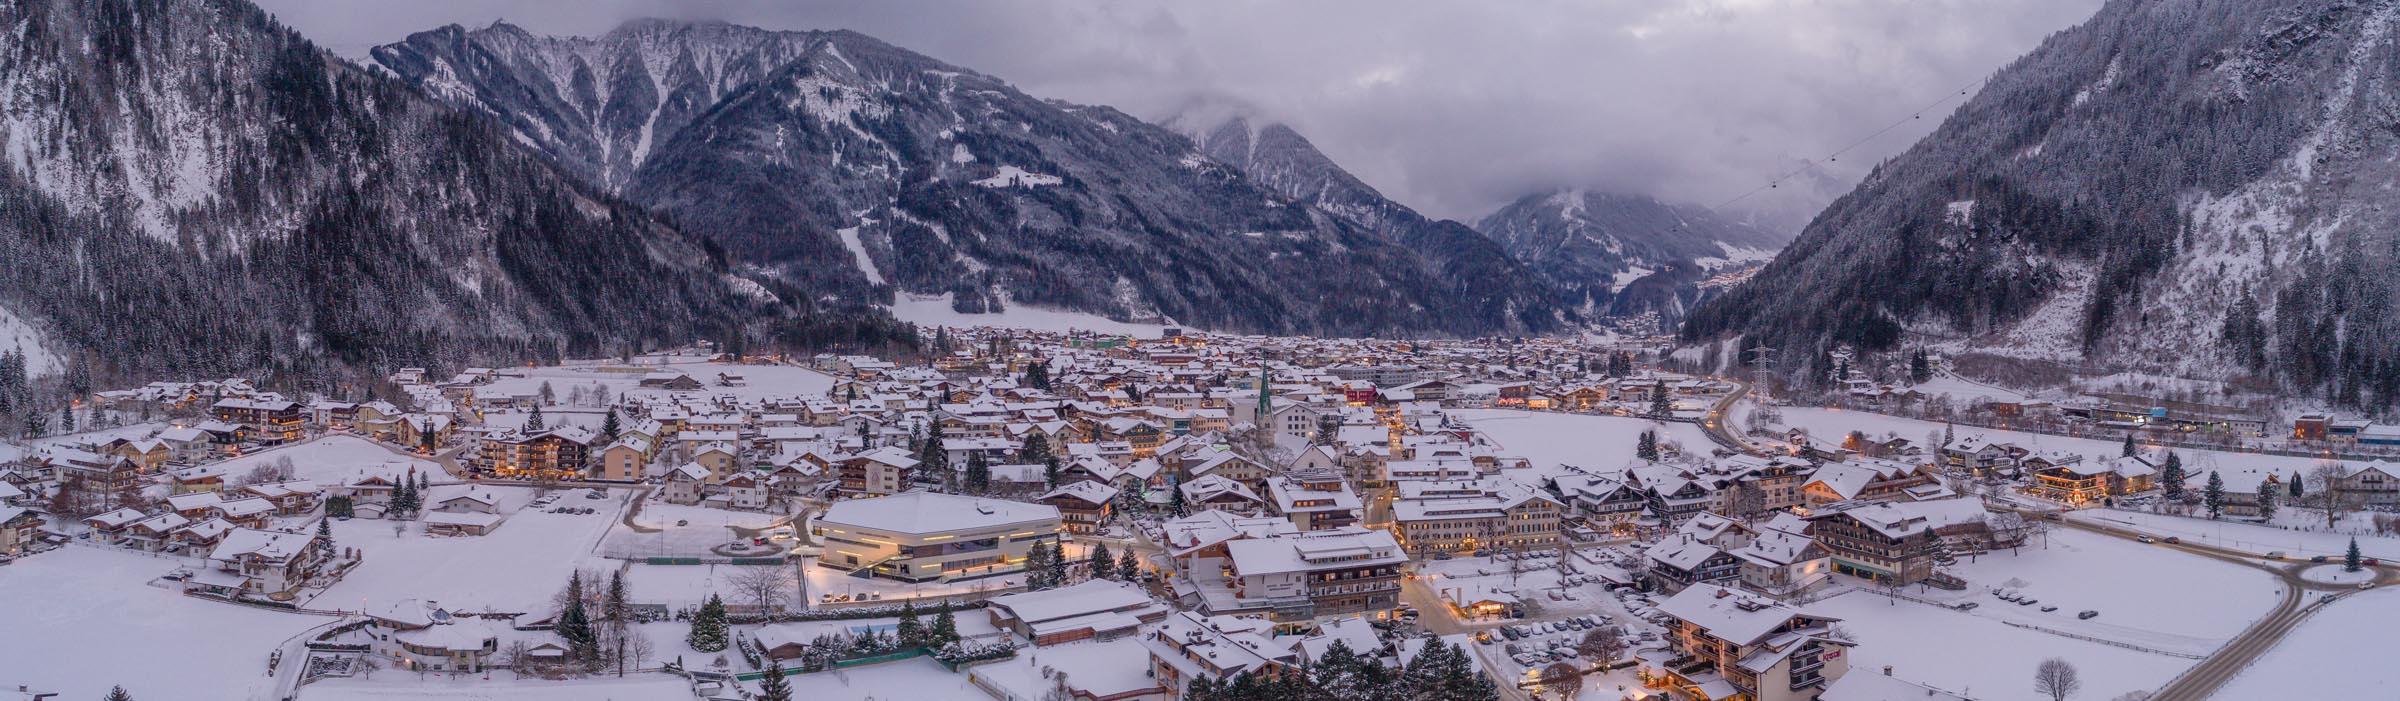 Singles Mayrhofen, Kontaktanzeigen aus Mayrhofen bei Tirol